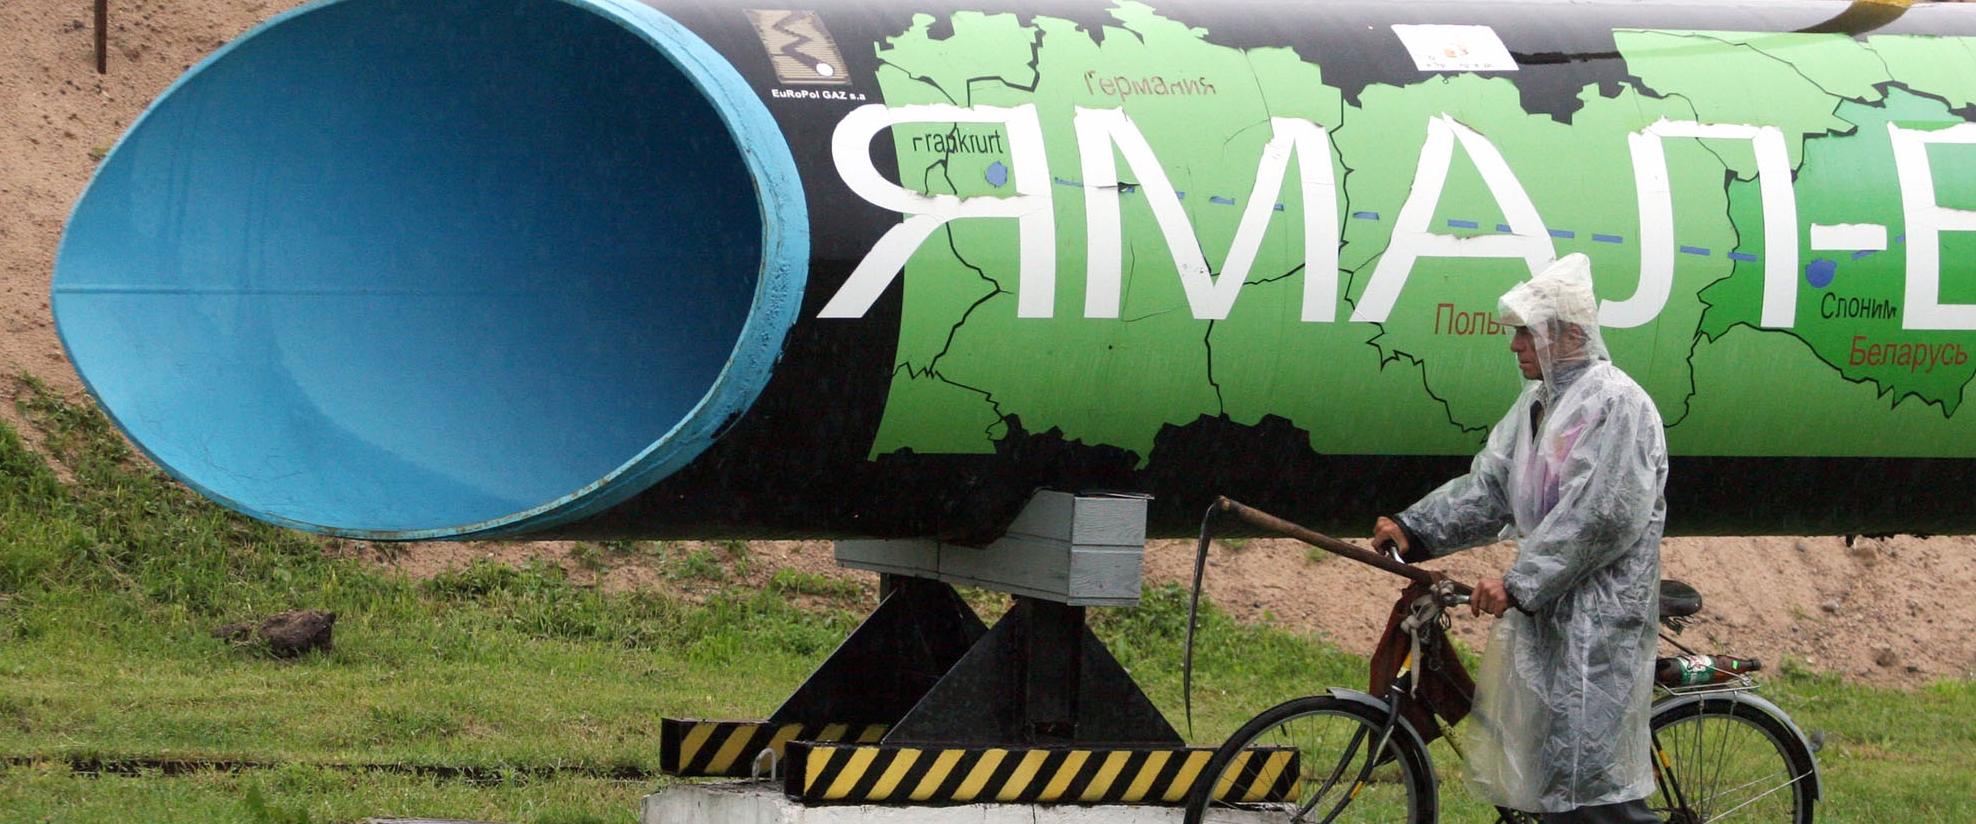 La (non) politica energetica italiana è alla canna del gas